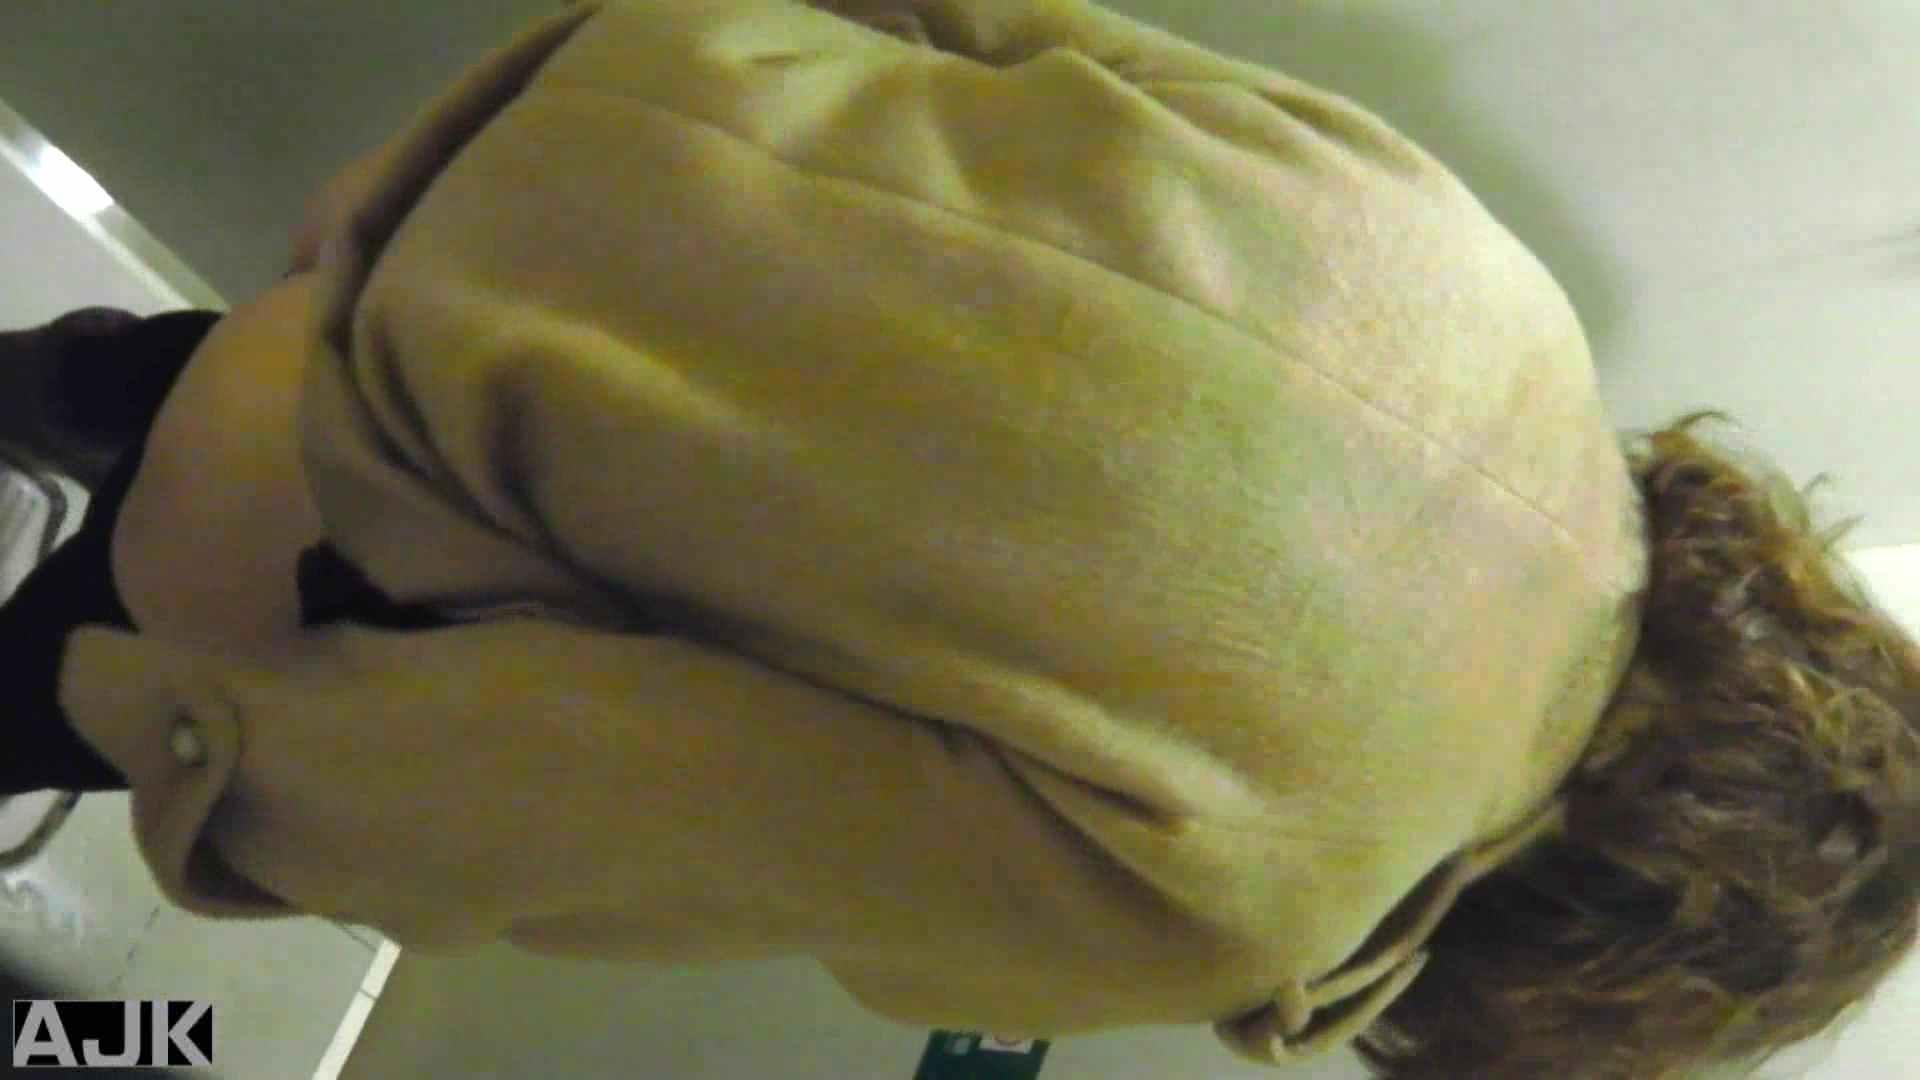 隣国上階級エリアの令嬢たちが集うデパートお手洗い Vol.20 お手洗い  89pic 30